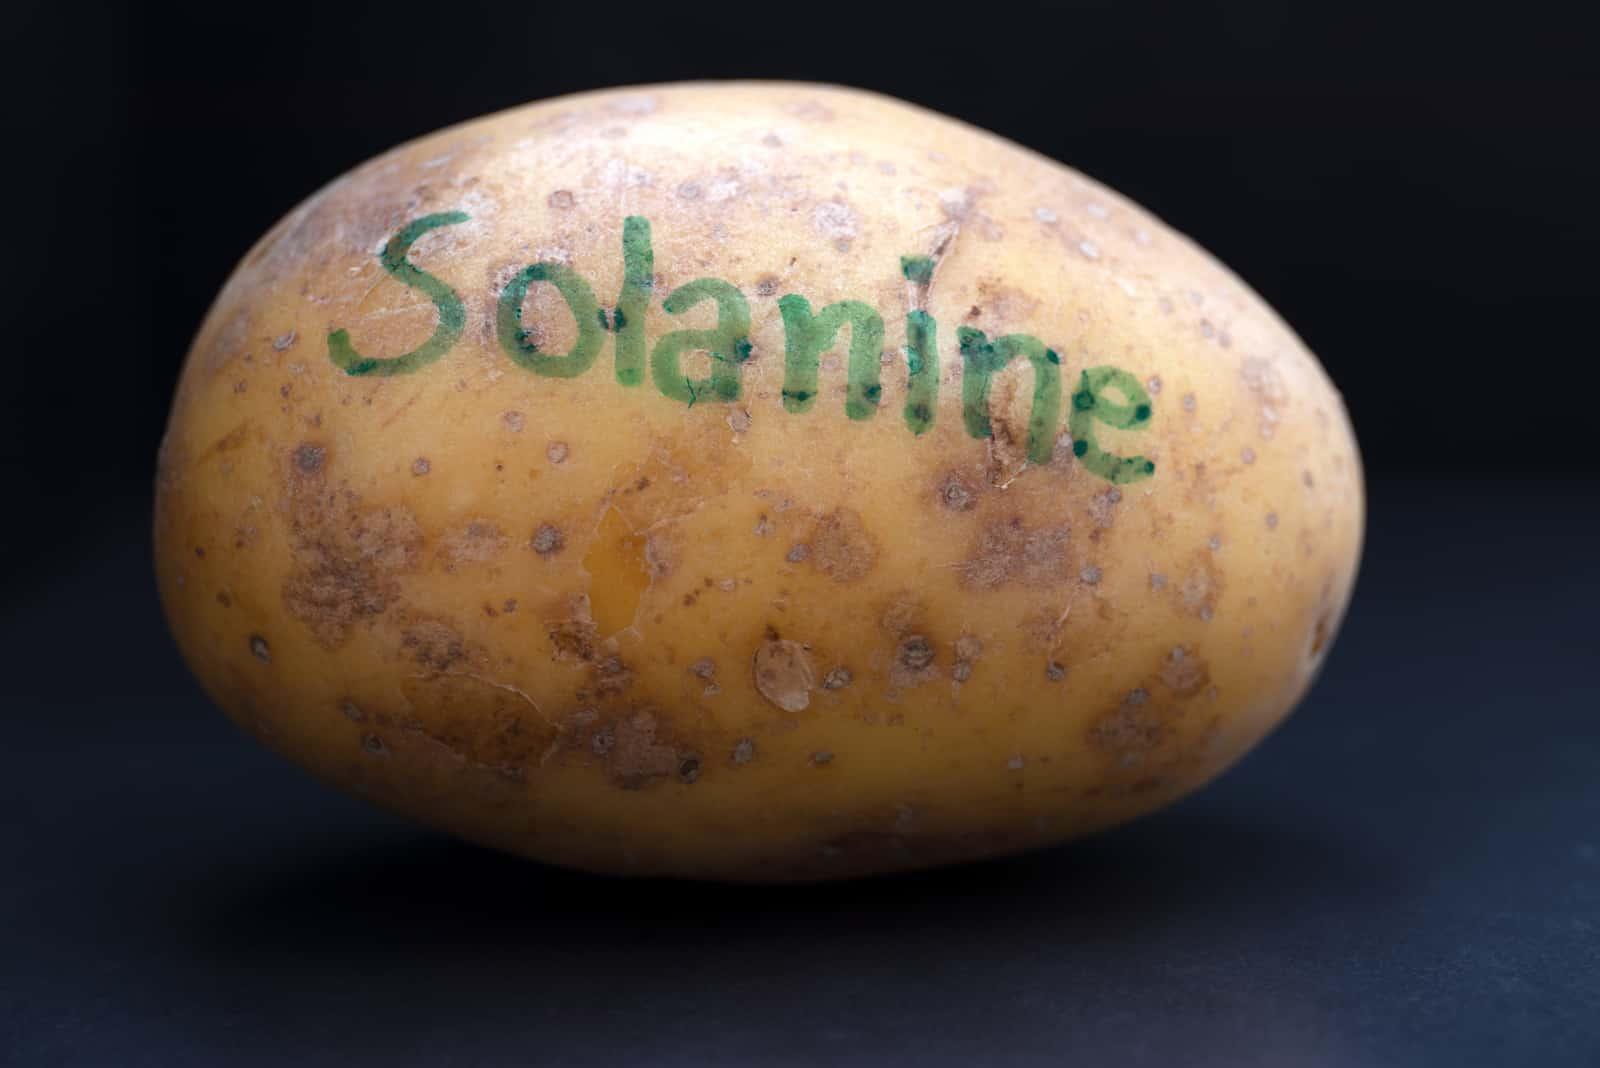 Kartoffel und Solanin, erhöhte Produktion, wenn sie Licht ausgesetzt wurden